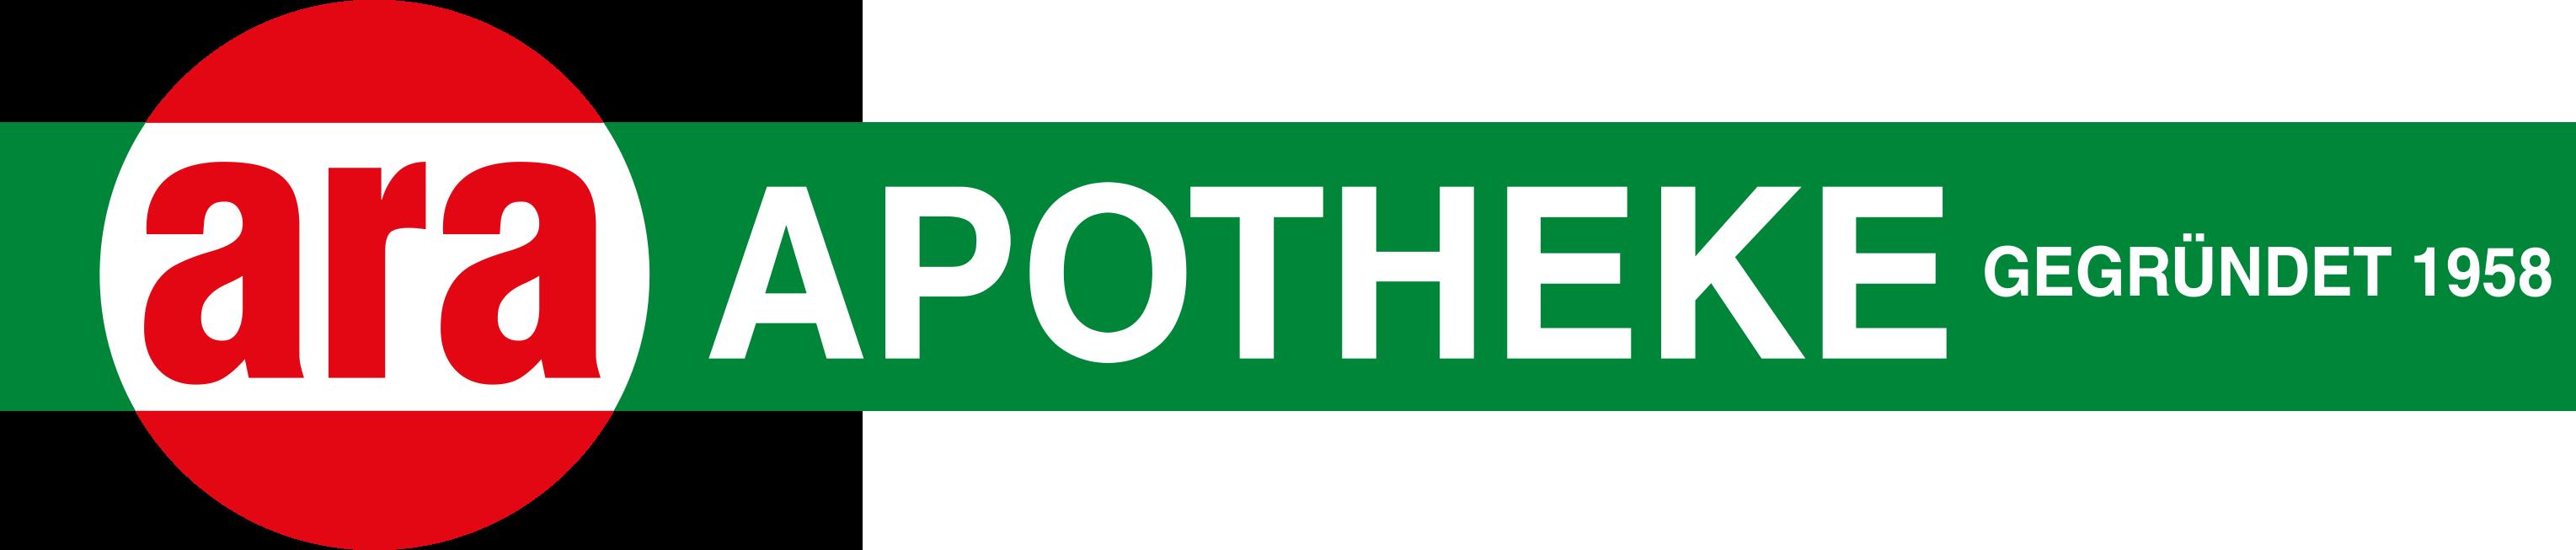 Logo der Ara-Apotheke